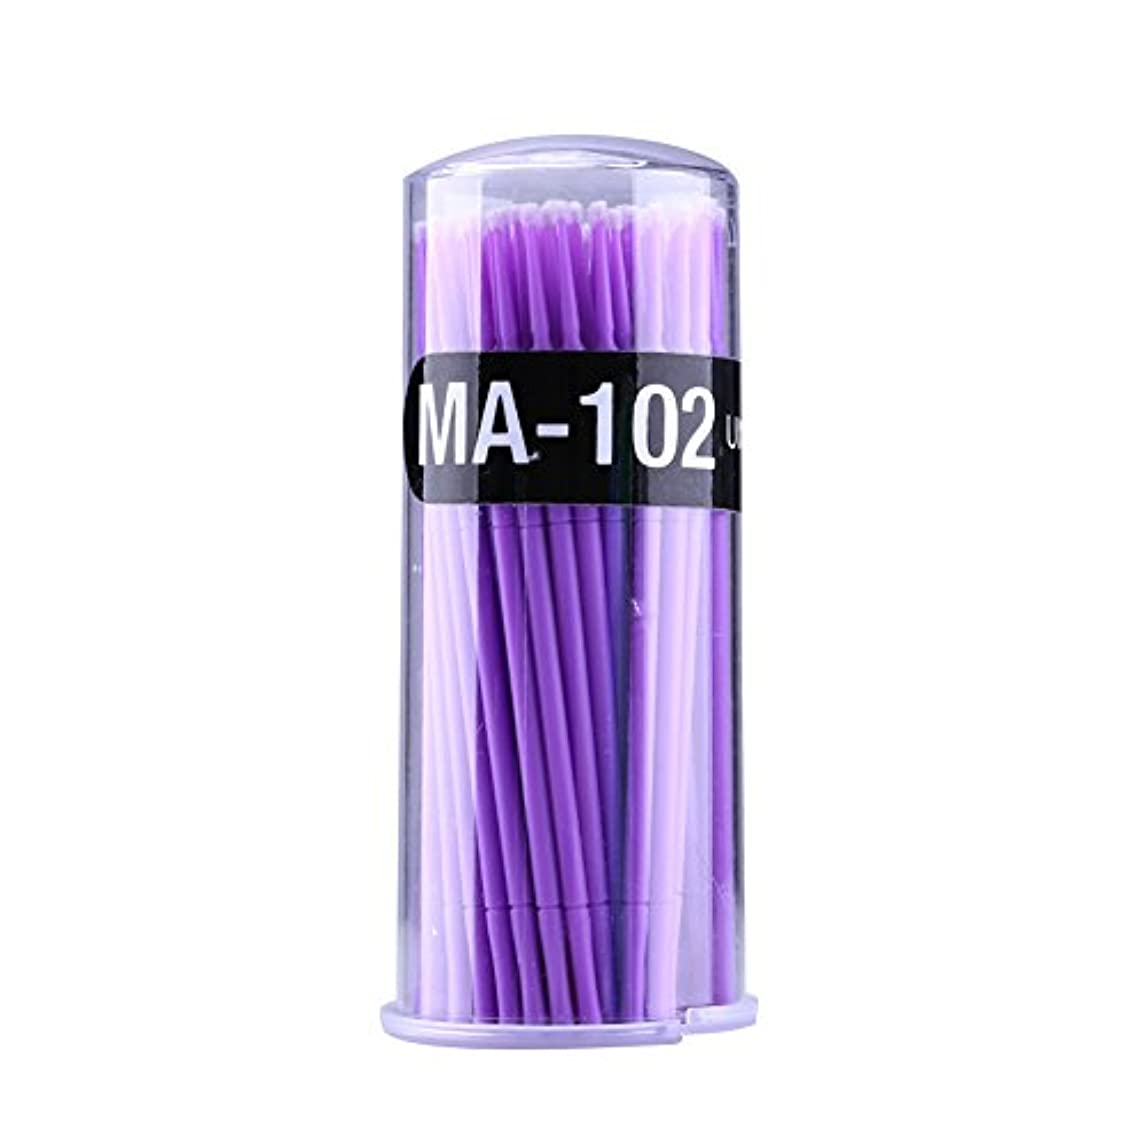 留まるダースハリケーンマイクロブラシ - Delaman つ毛ブラシ、まつげ、使い捨て、睫用、先端曲げ、アプリケータエクステンション メイクブラシ、100個入り (色 : Purple)